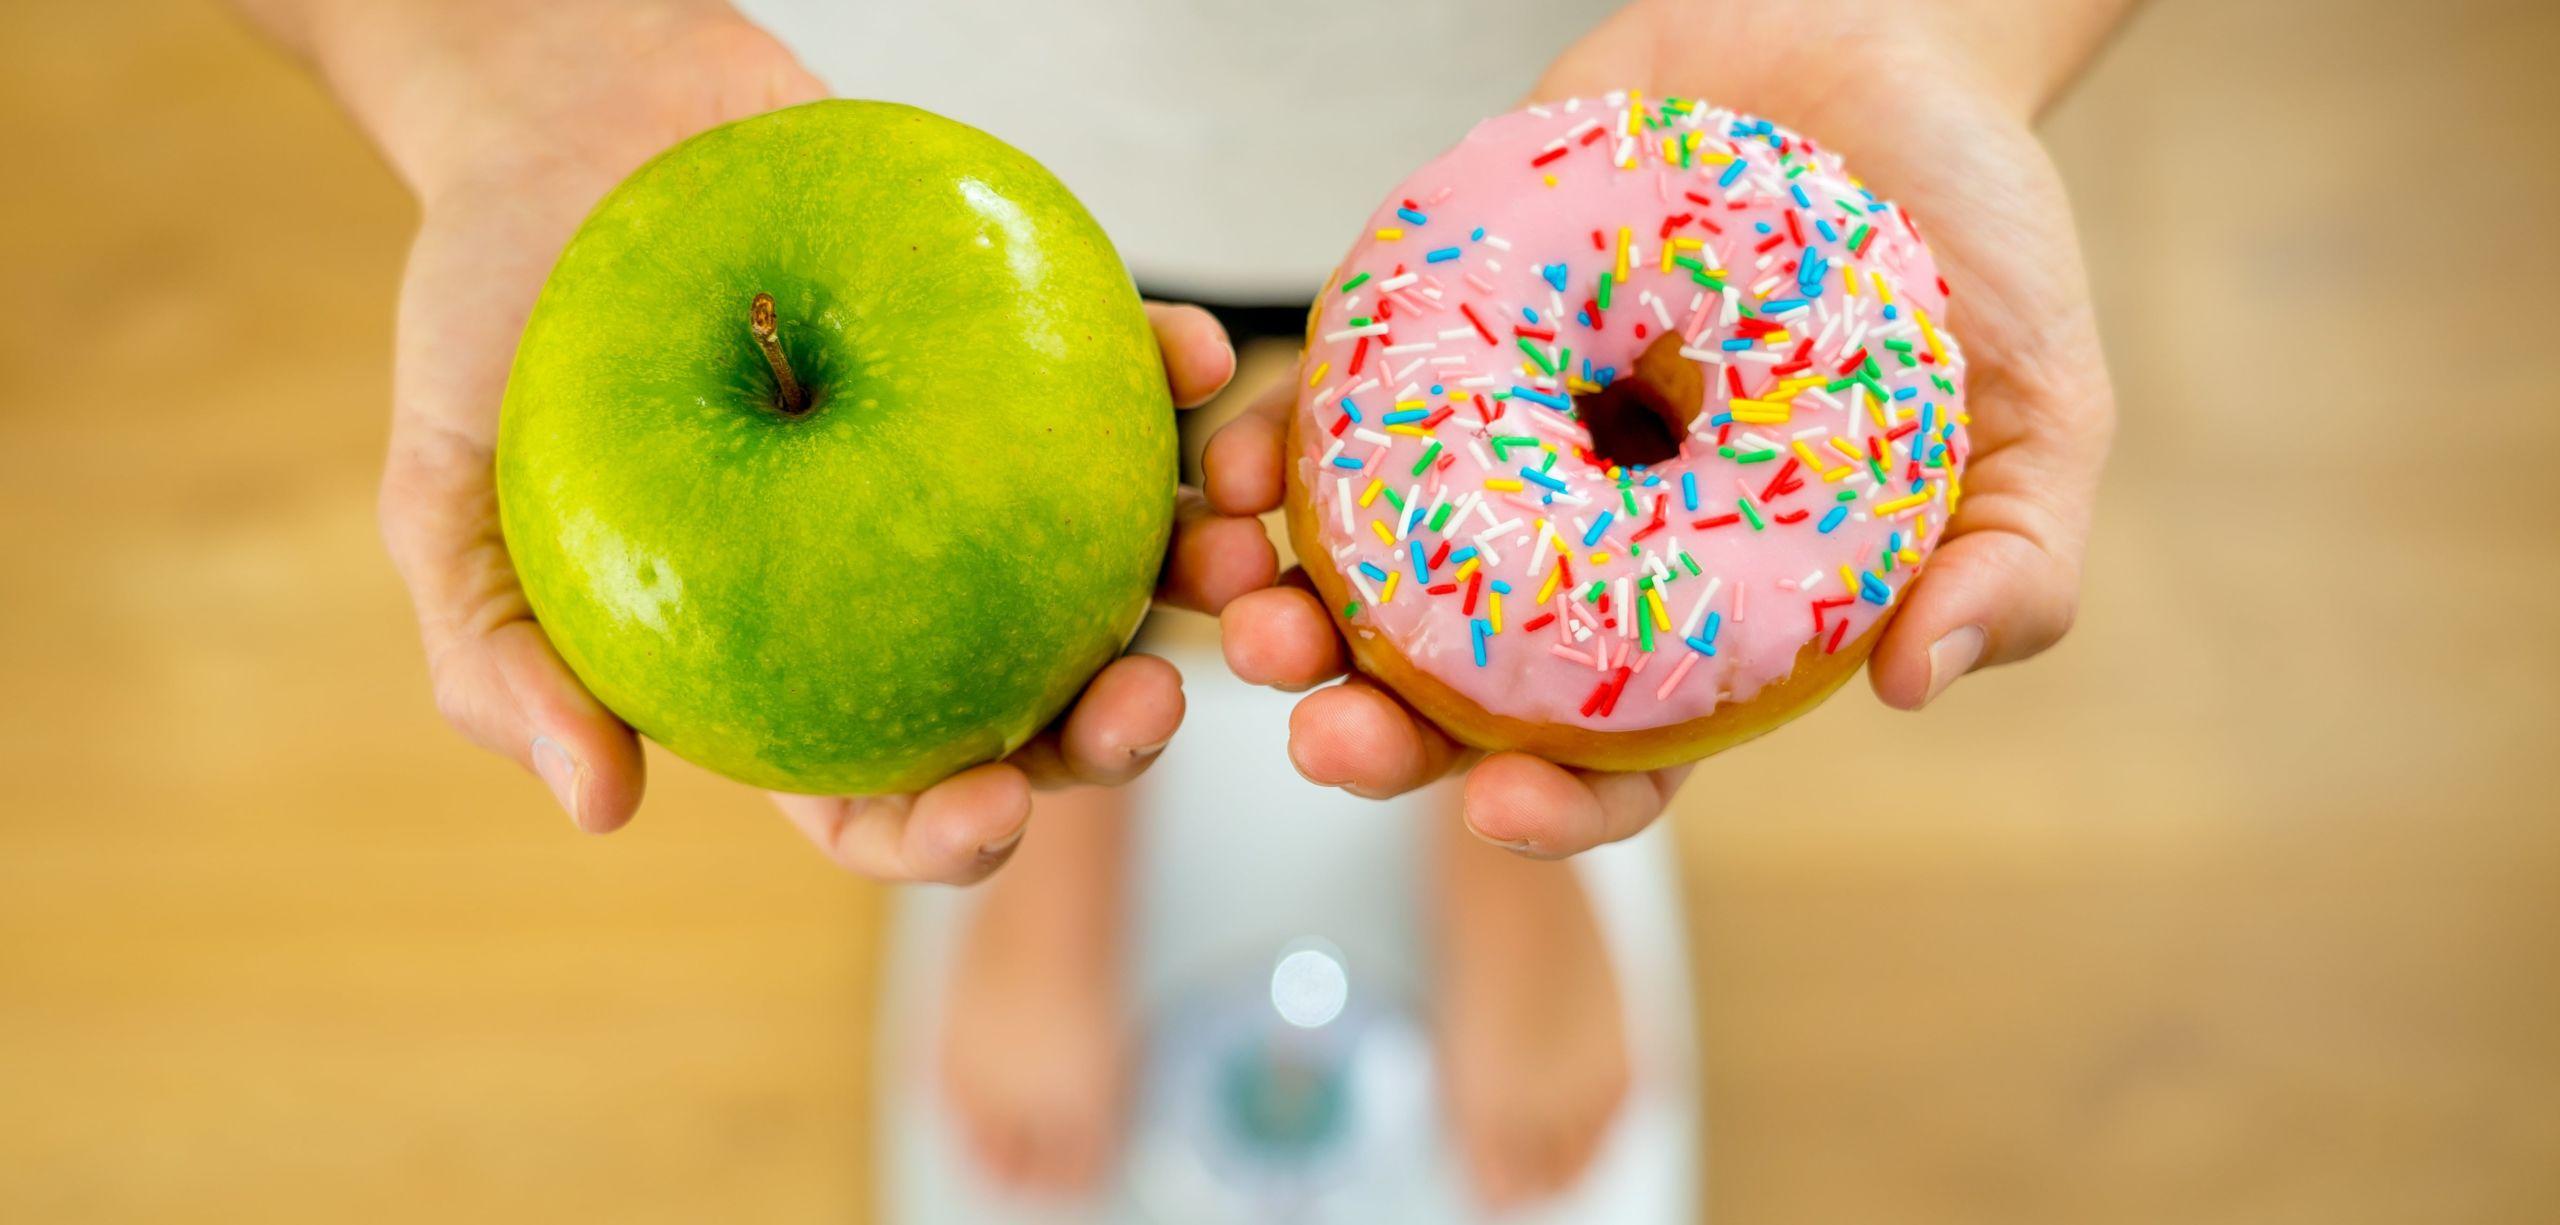 Colazione dietetica dolce per perdere peso